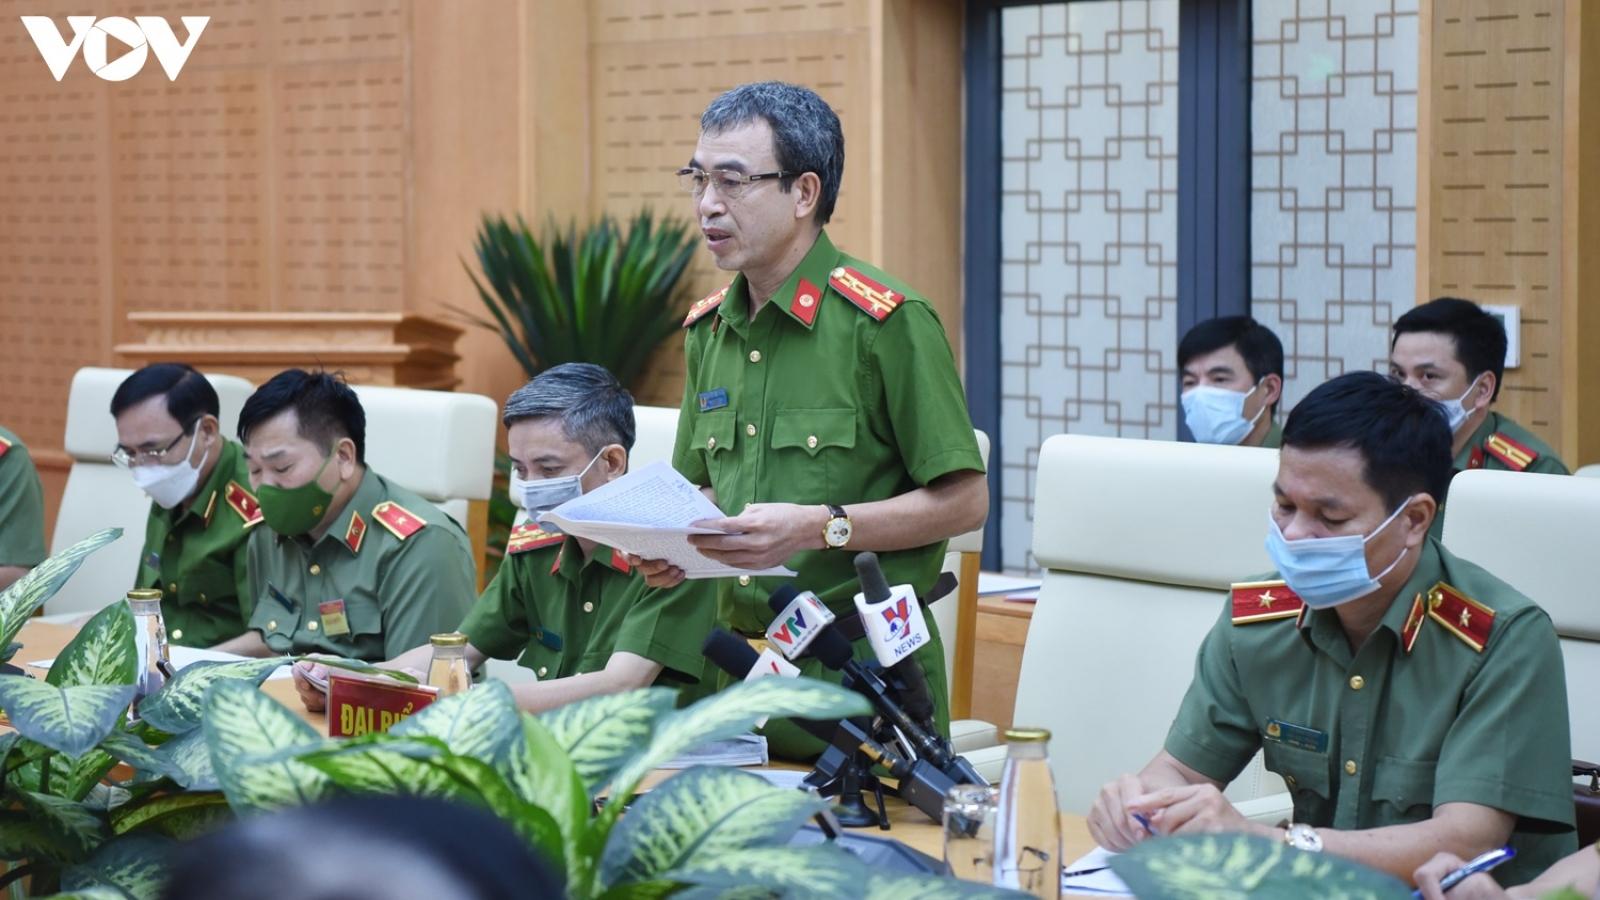 Vụ án ở Bệnh viện Tim Hà Nội: Khởi tố 7 bị can, tiếp tục mở rộng điều tra